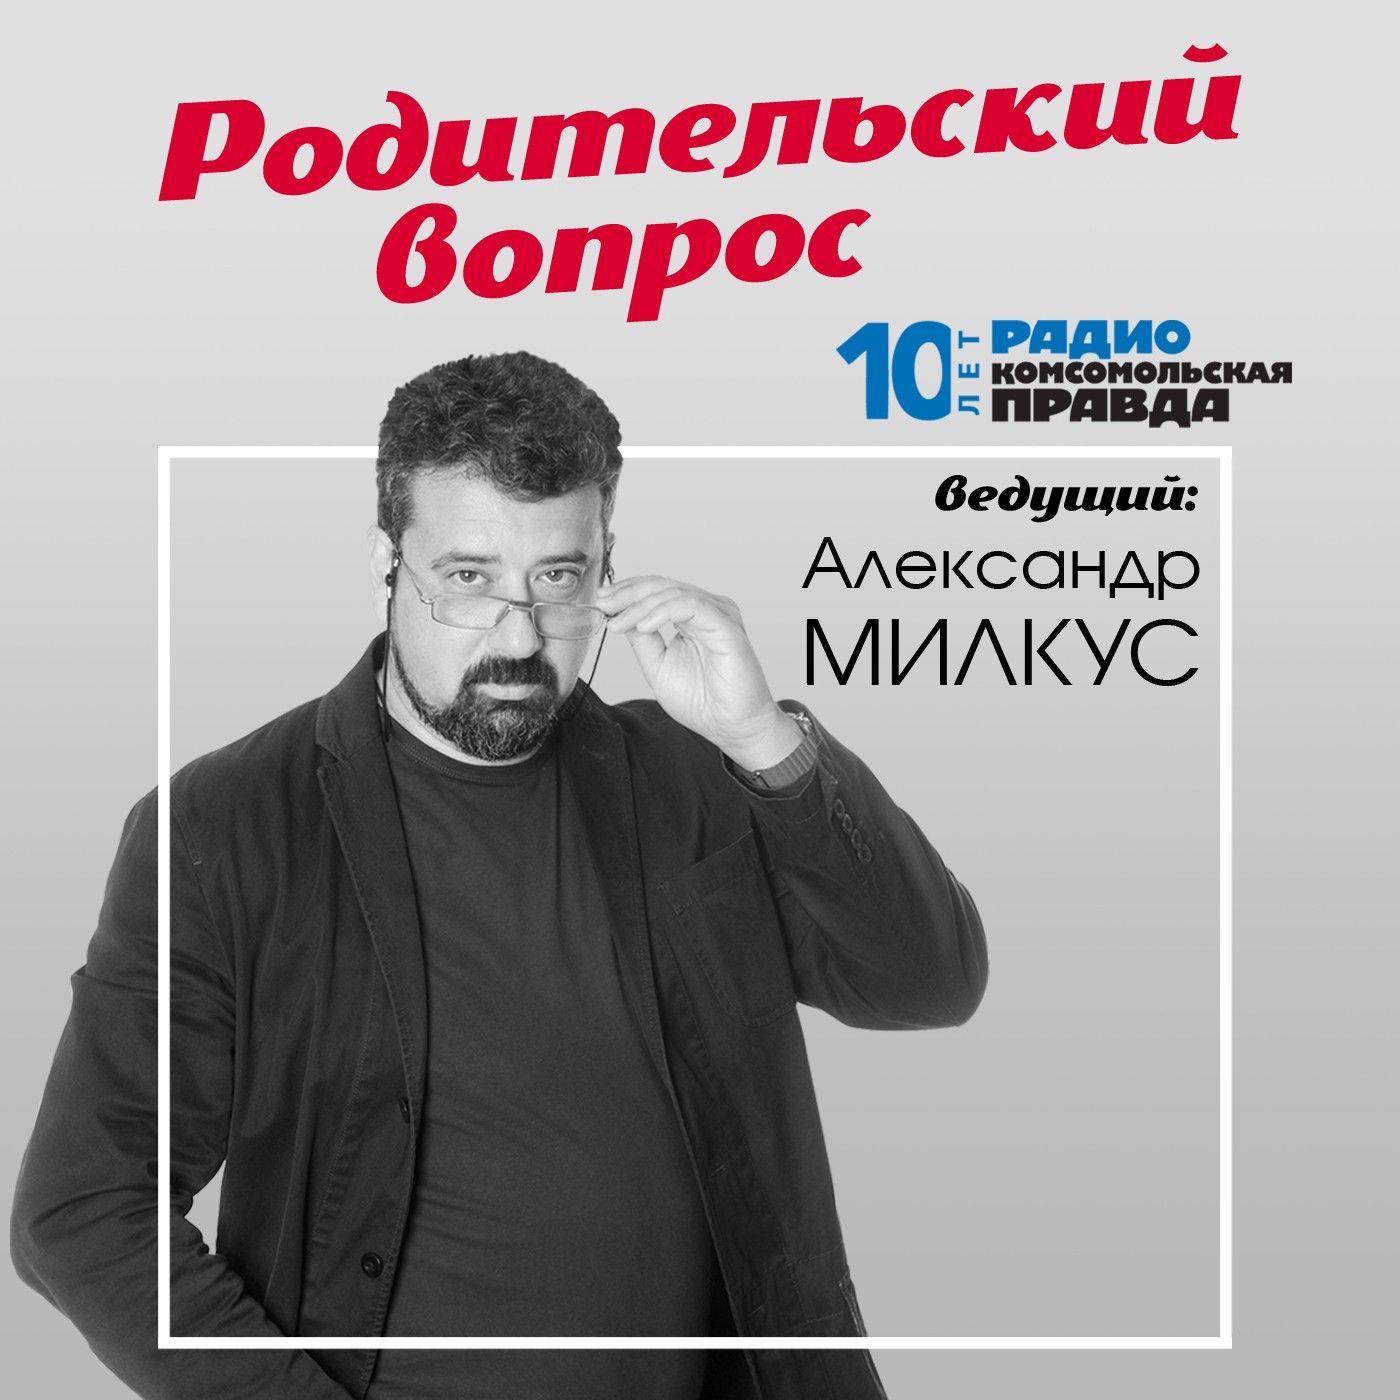 Радио «Комсомольская правда» Мама на работе радио комсомольская правда эксперты завершили исследования на месте трагедии